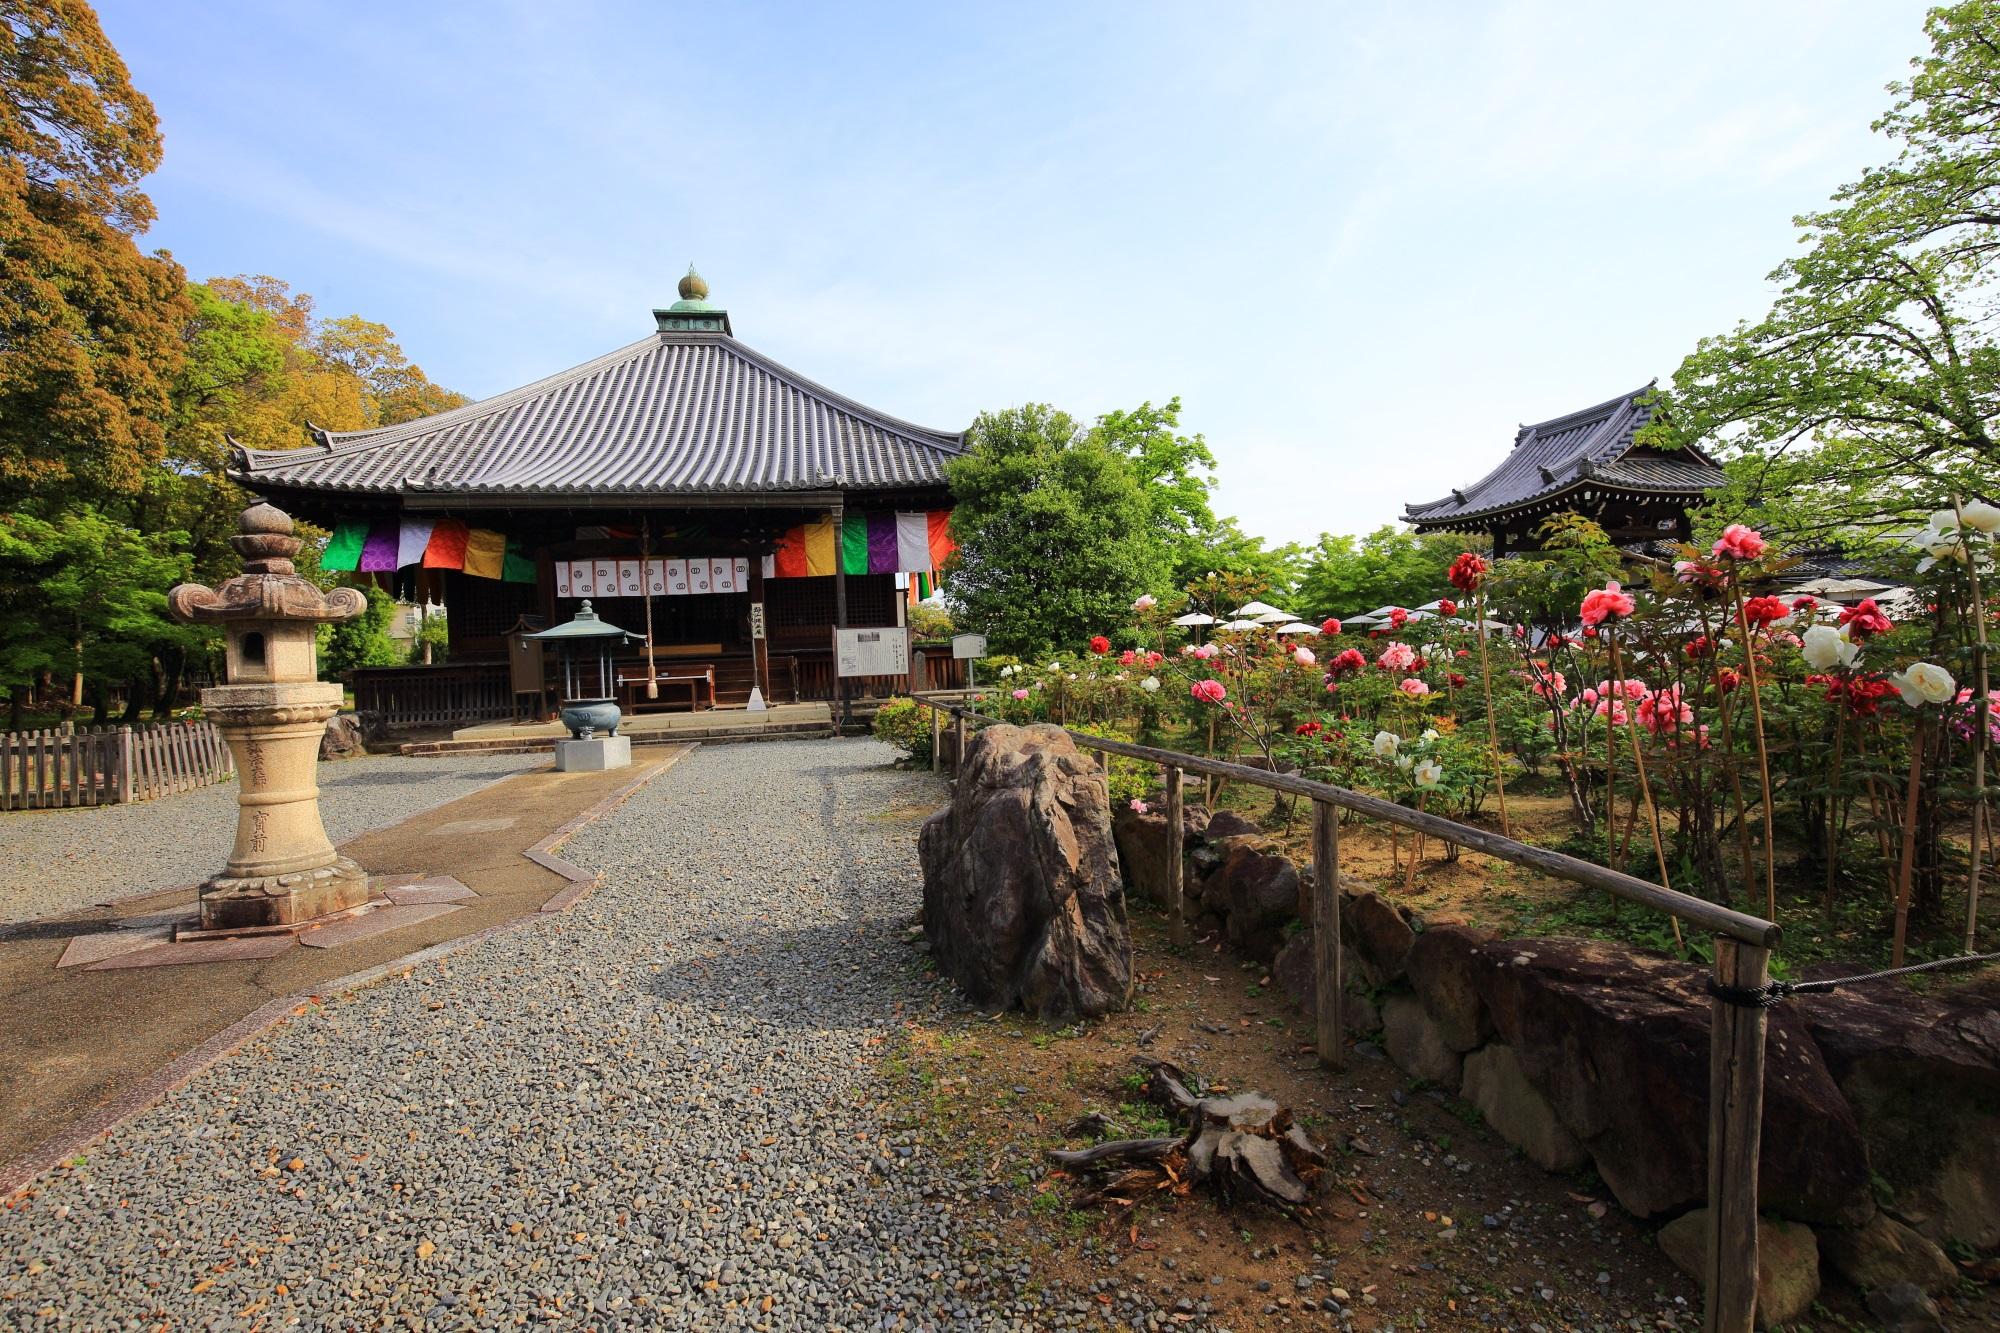 少し変わった形の屋根をした乙訓寺の本堂と牡丹の花